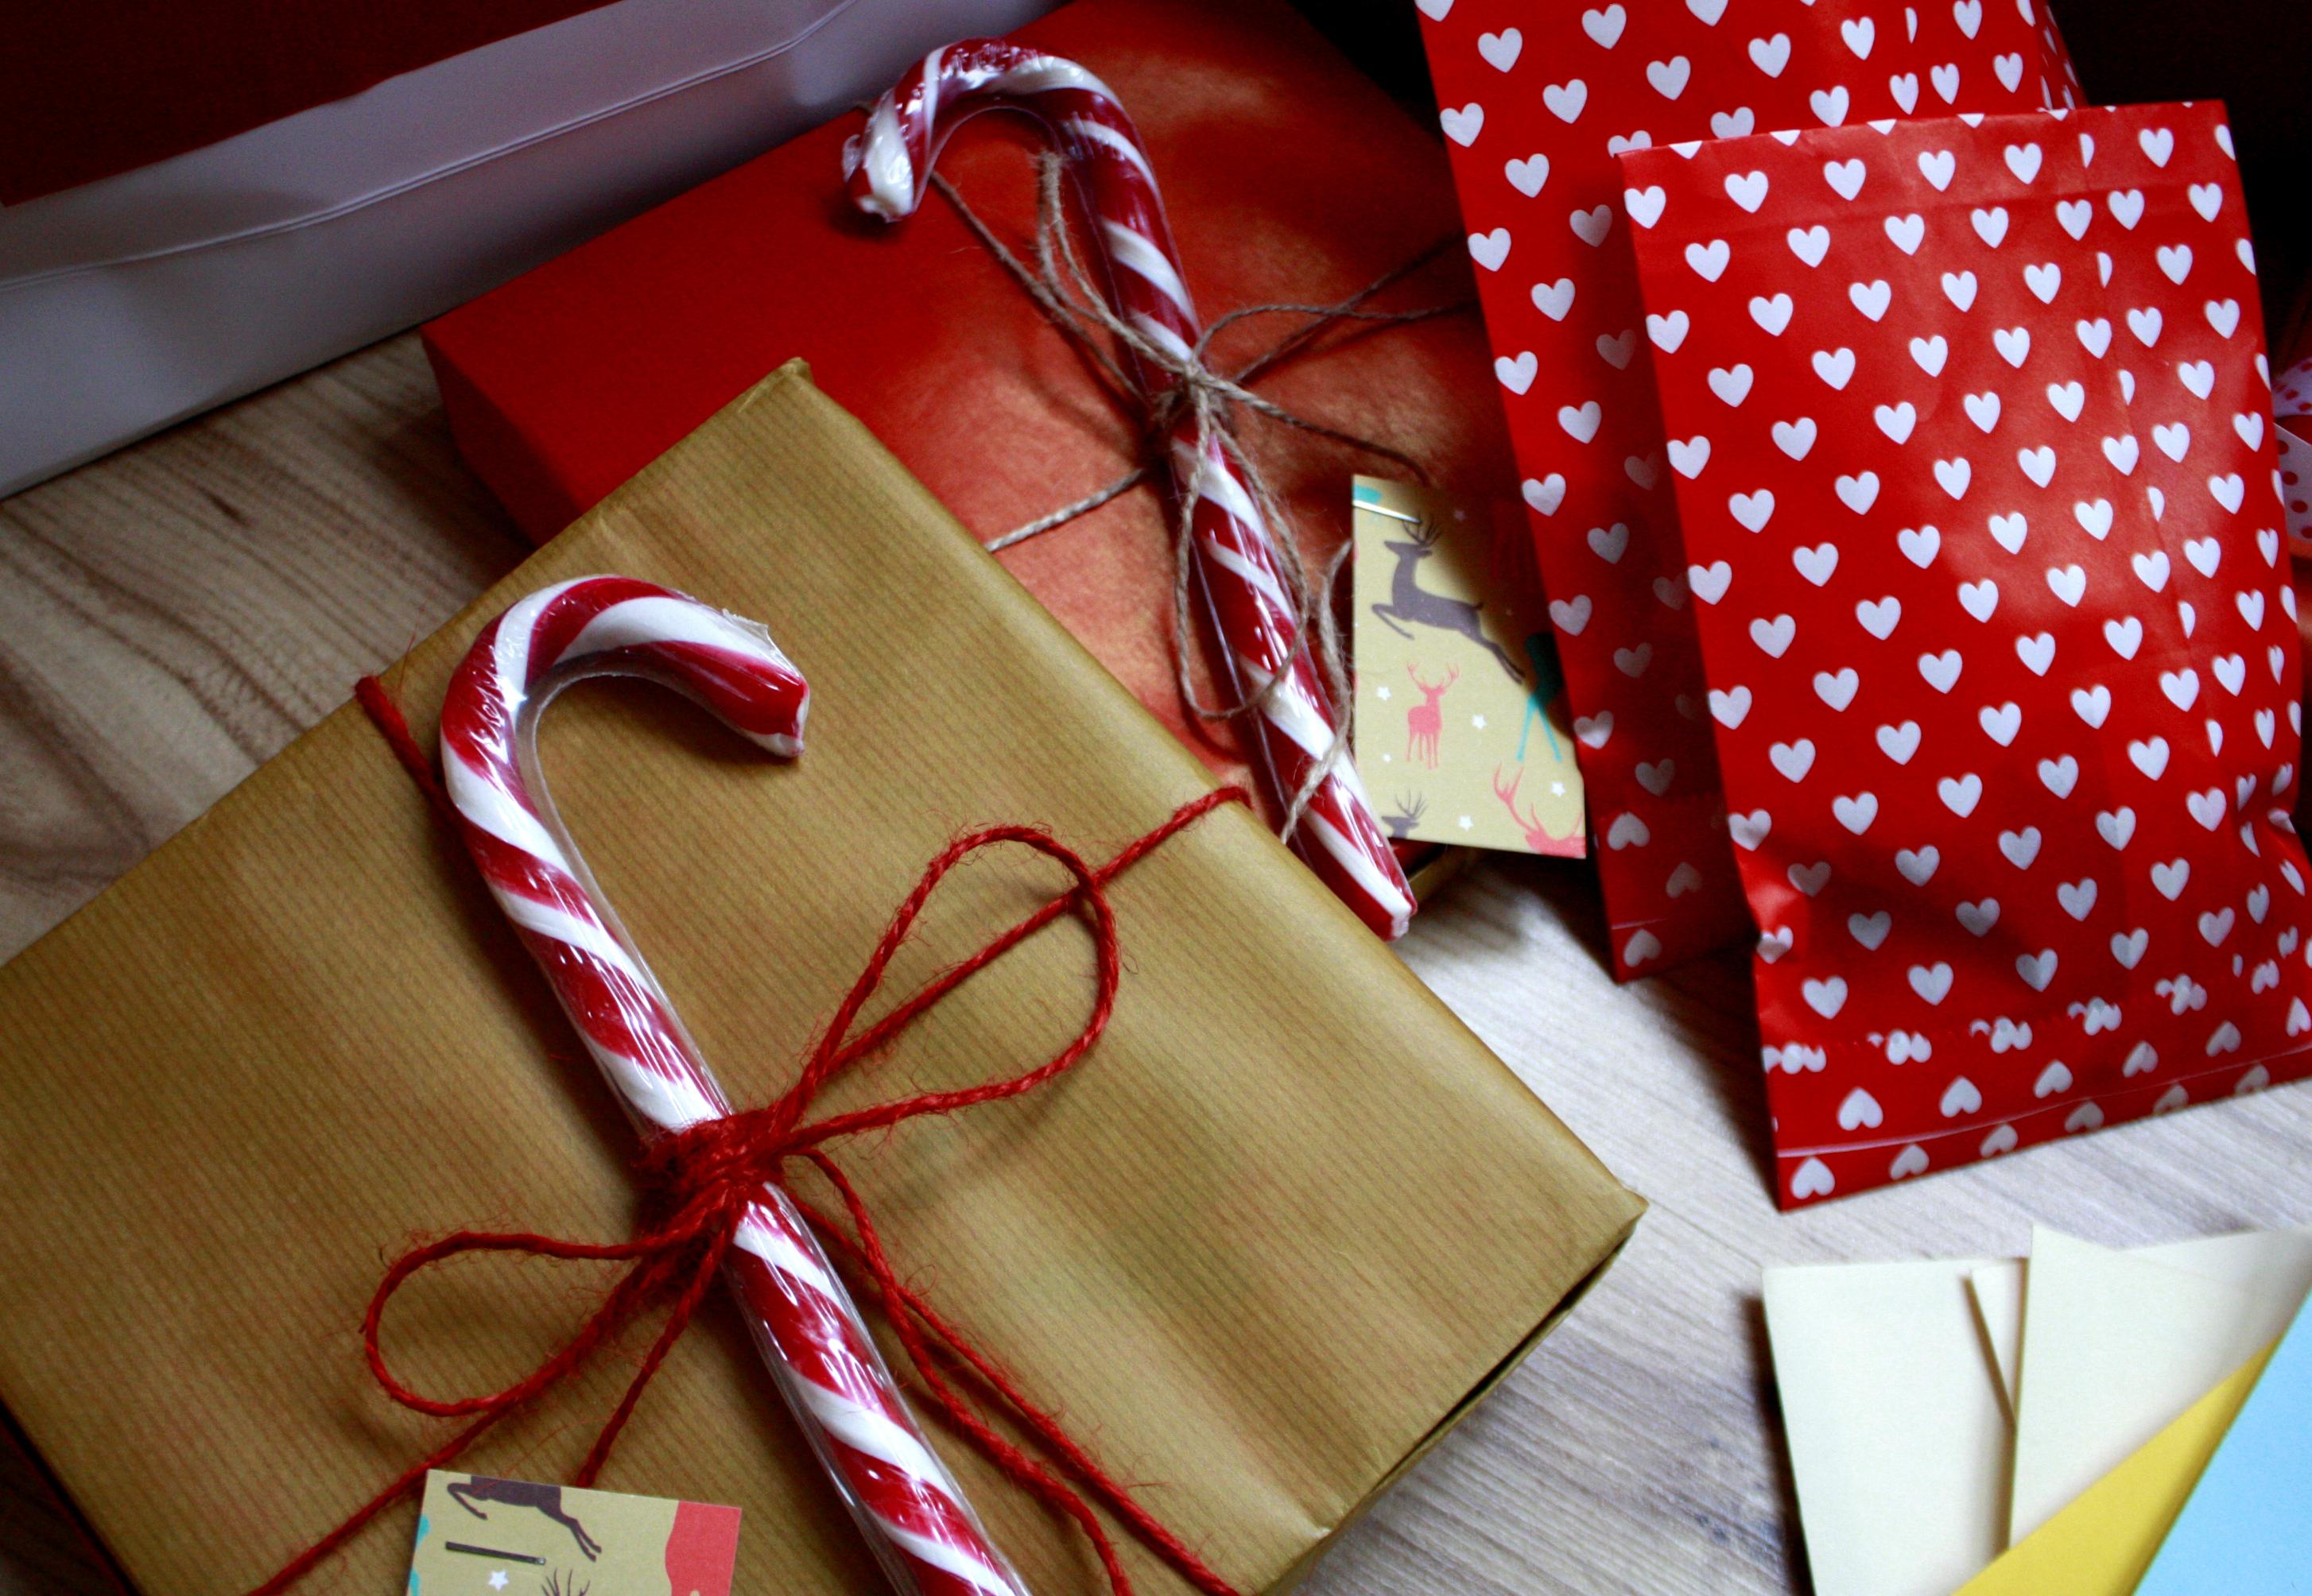 Pakowani prezentów laska Mikołaja